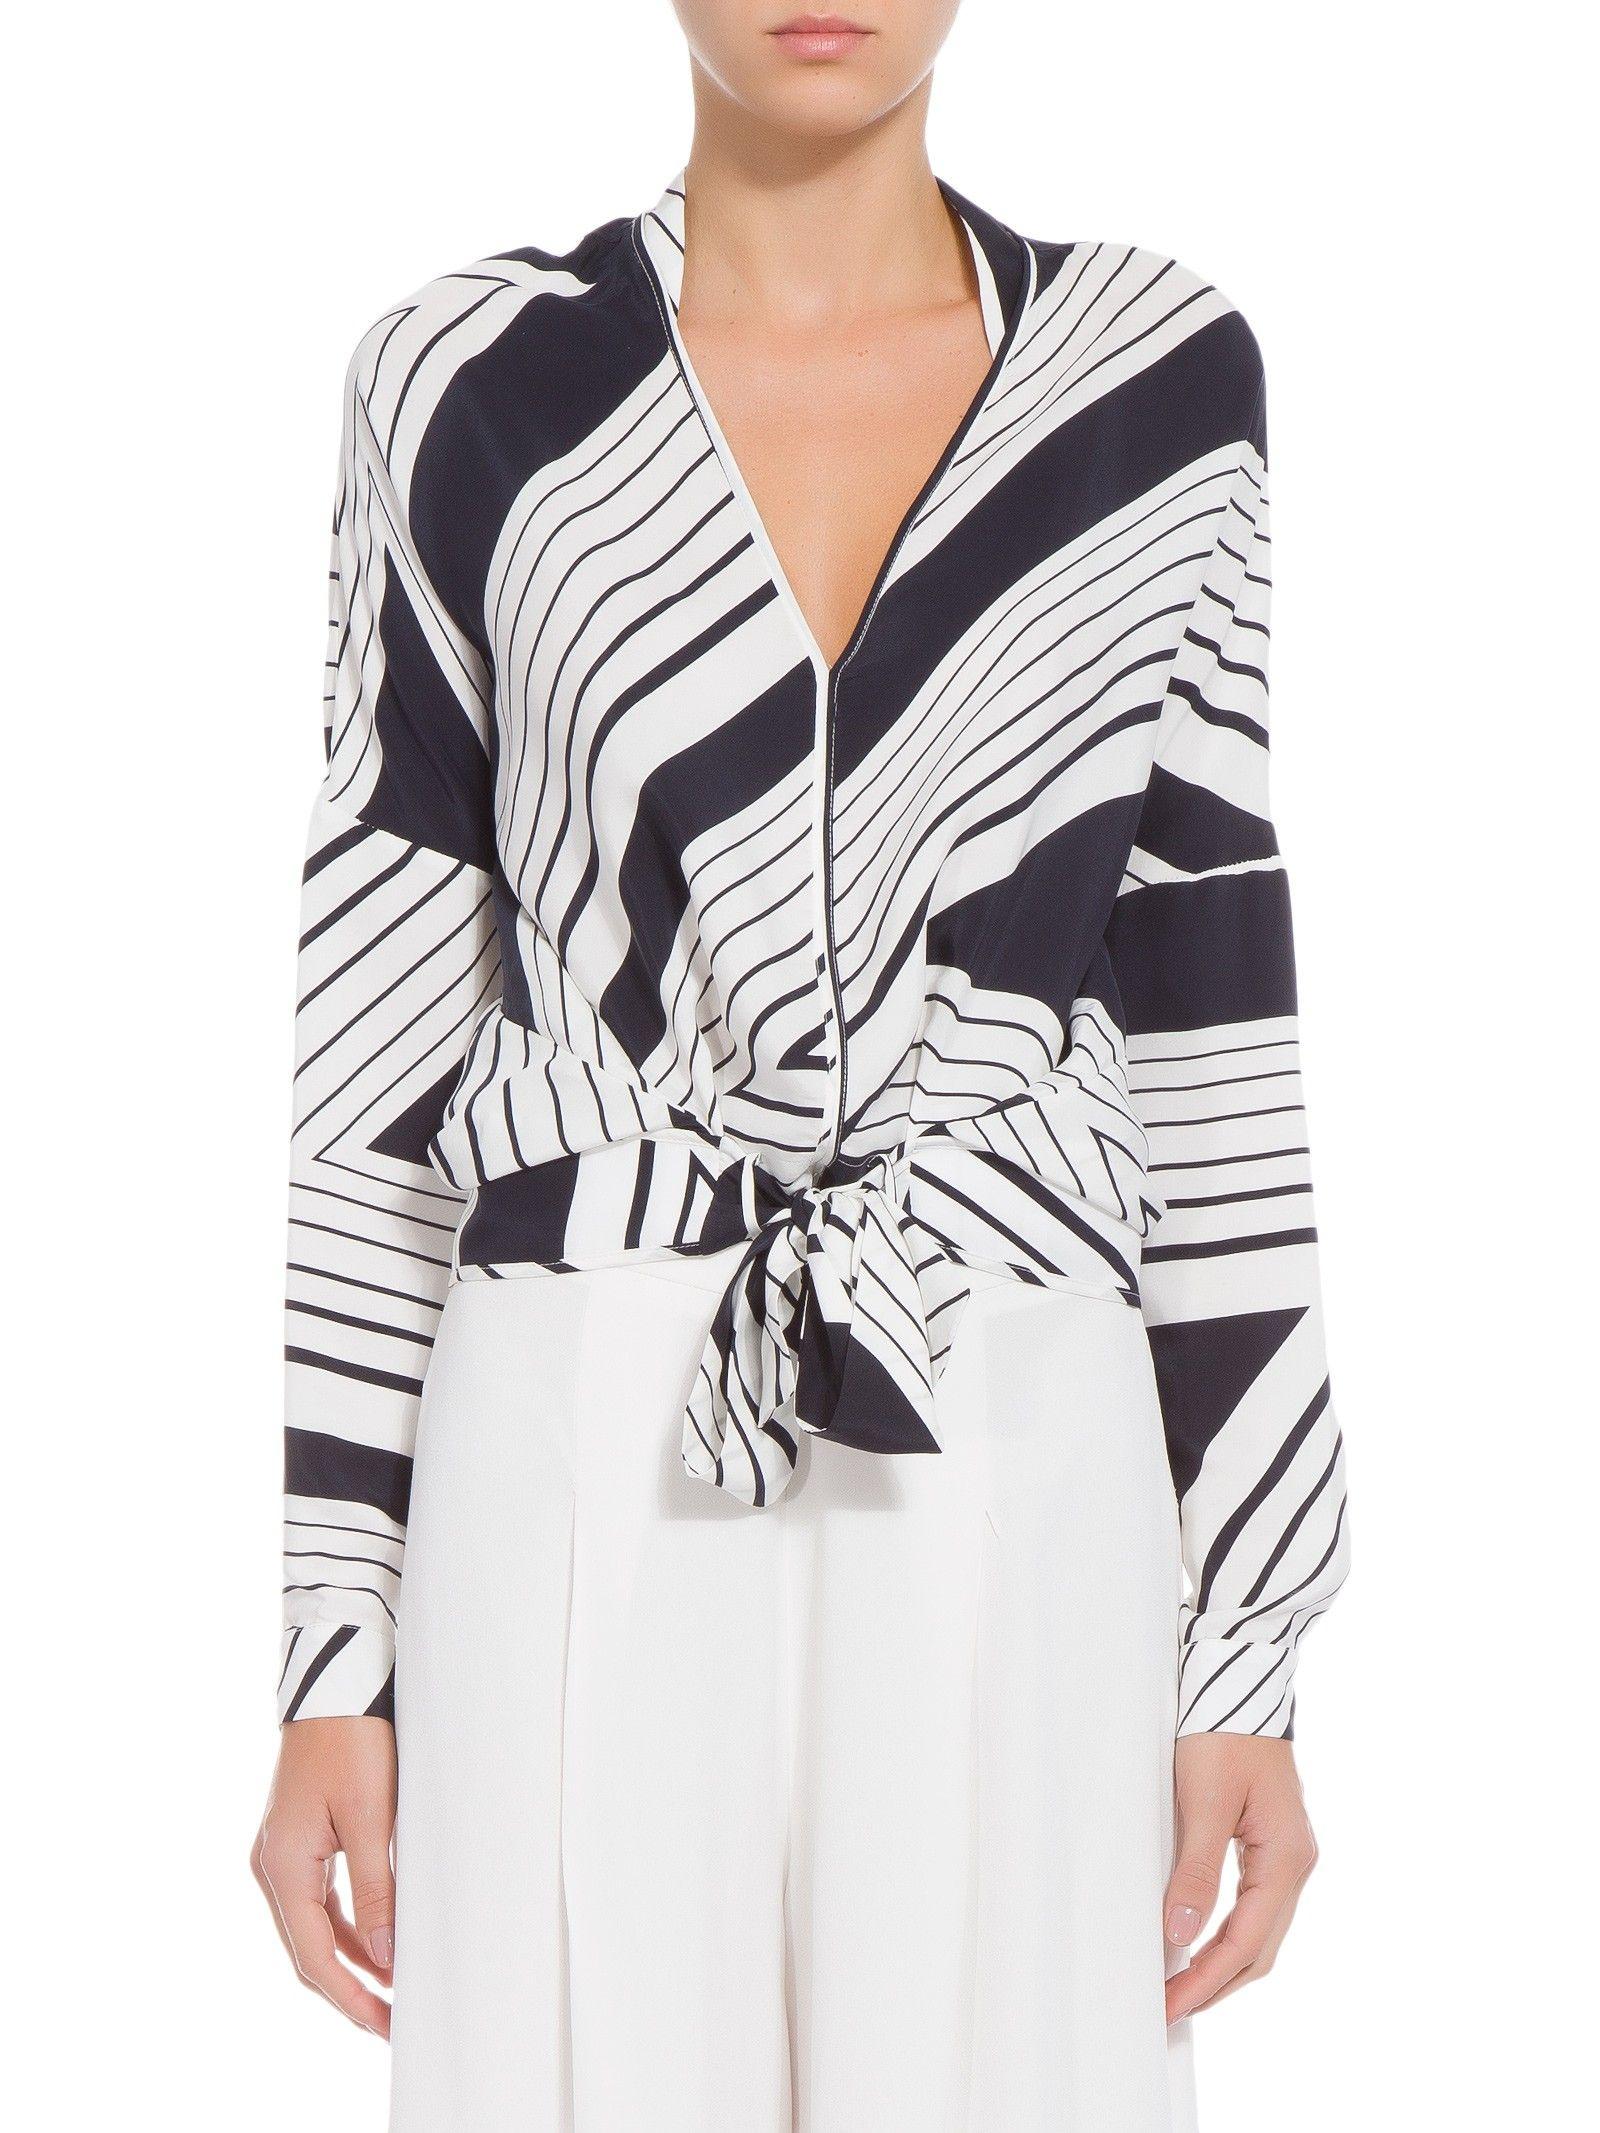 80ea38877 Blusa Feminina Nati - Le Lis Blanc - Branco - Shop2gether